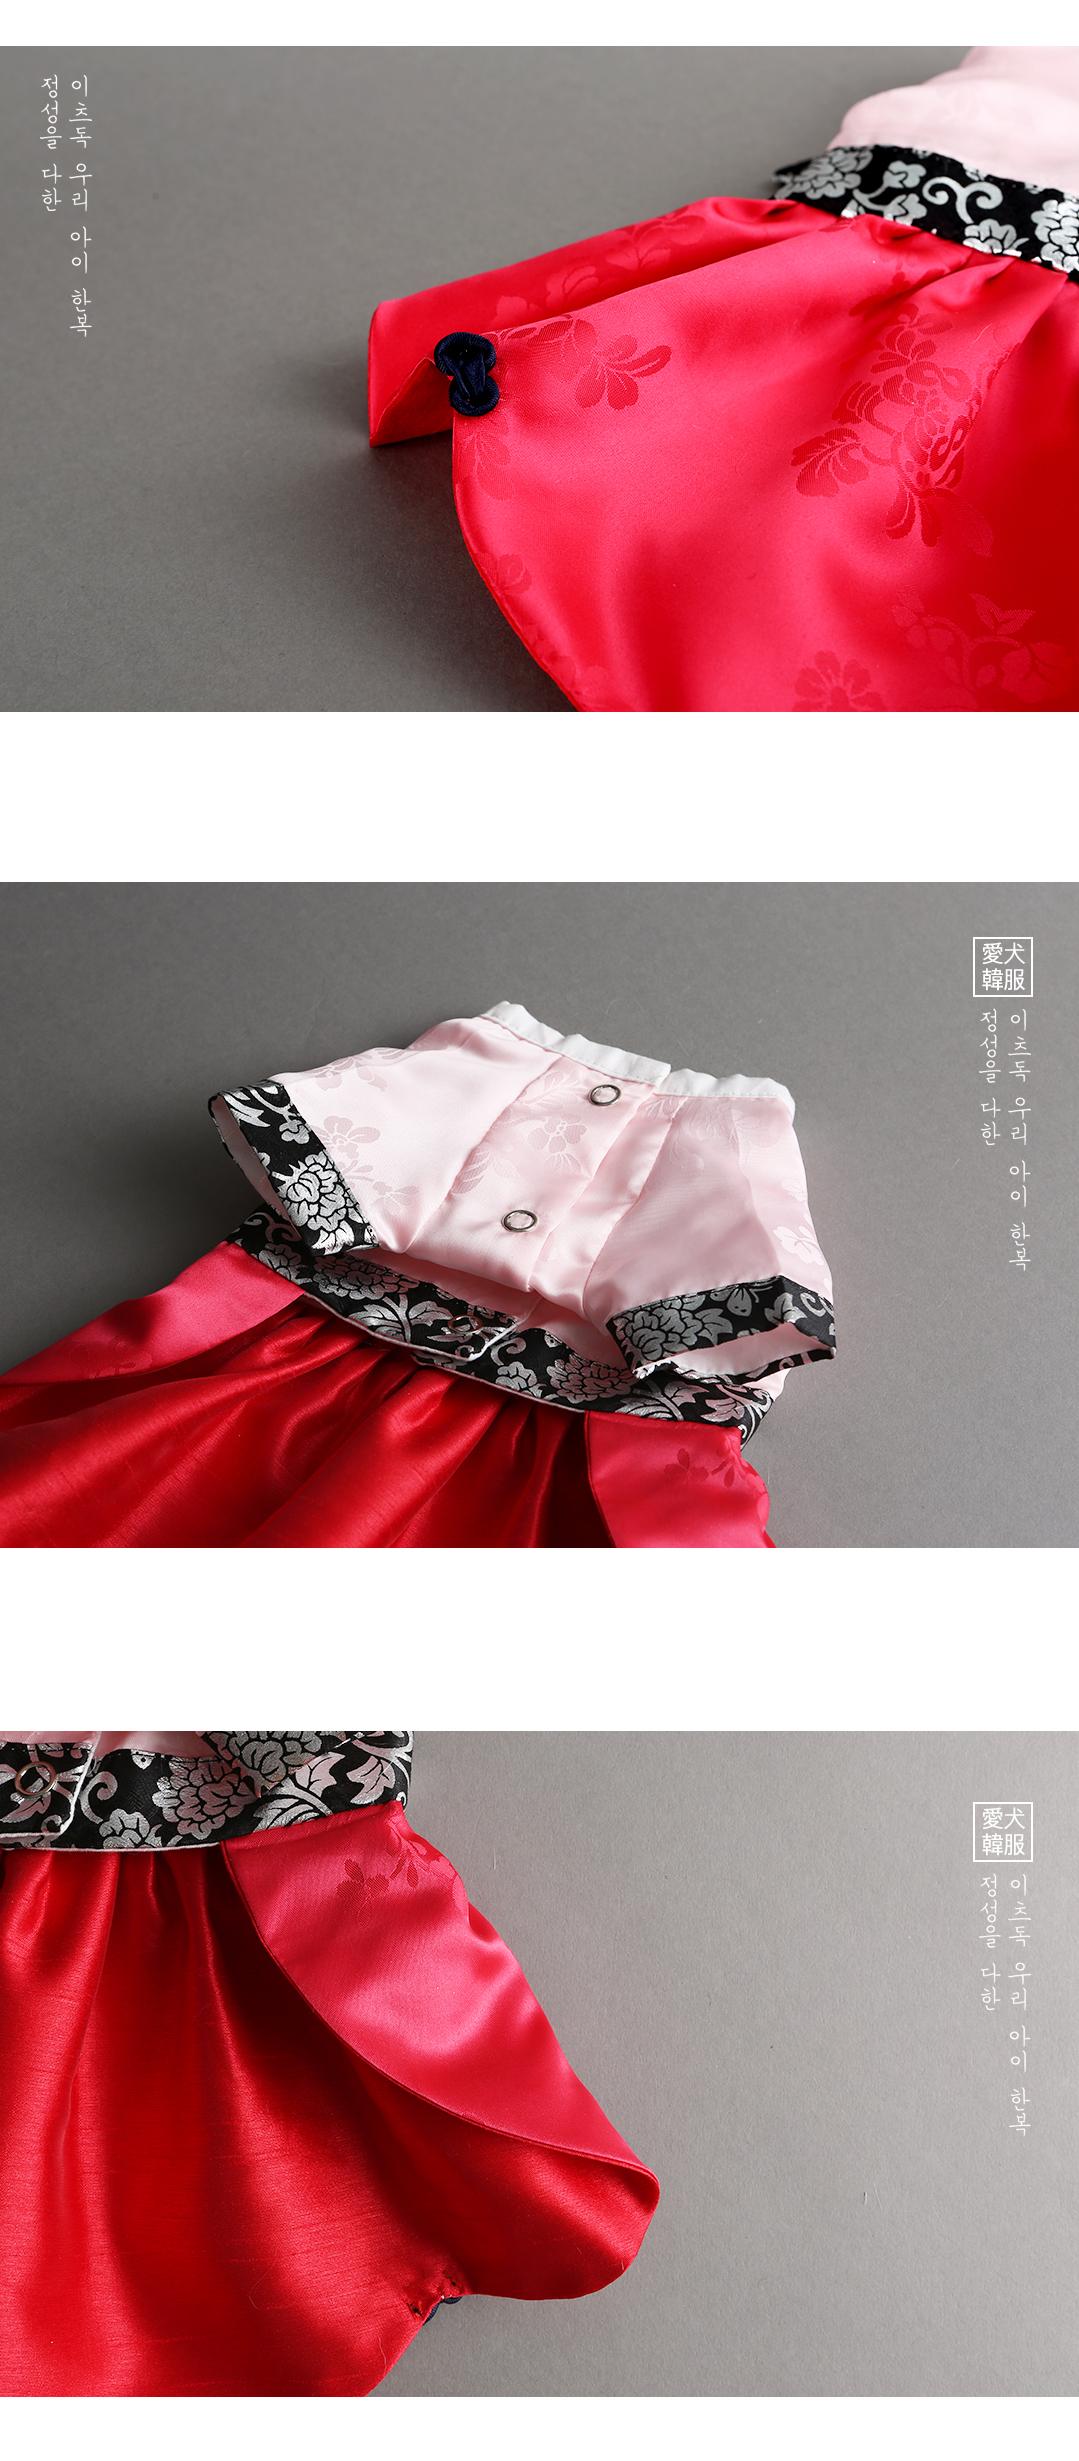 ys-hanbok-5.jpg